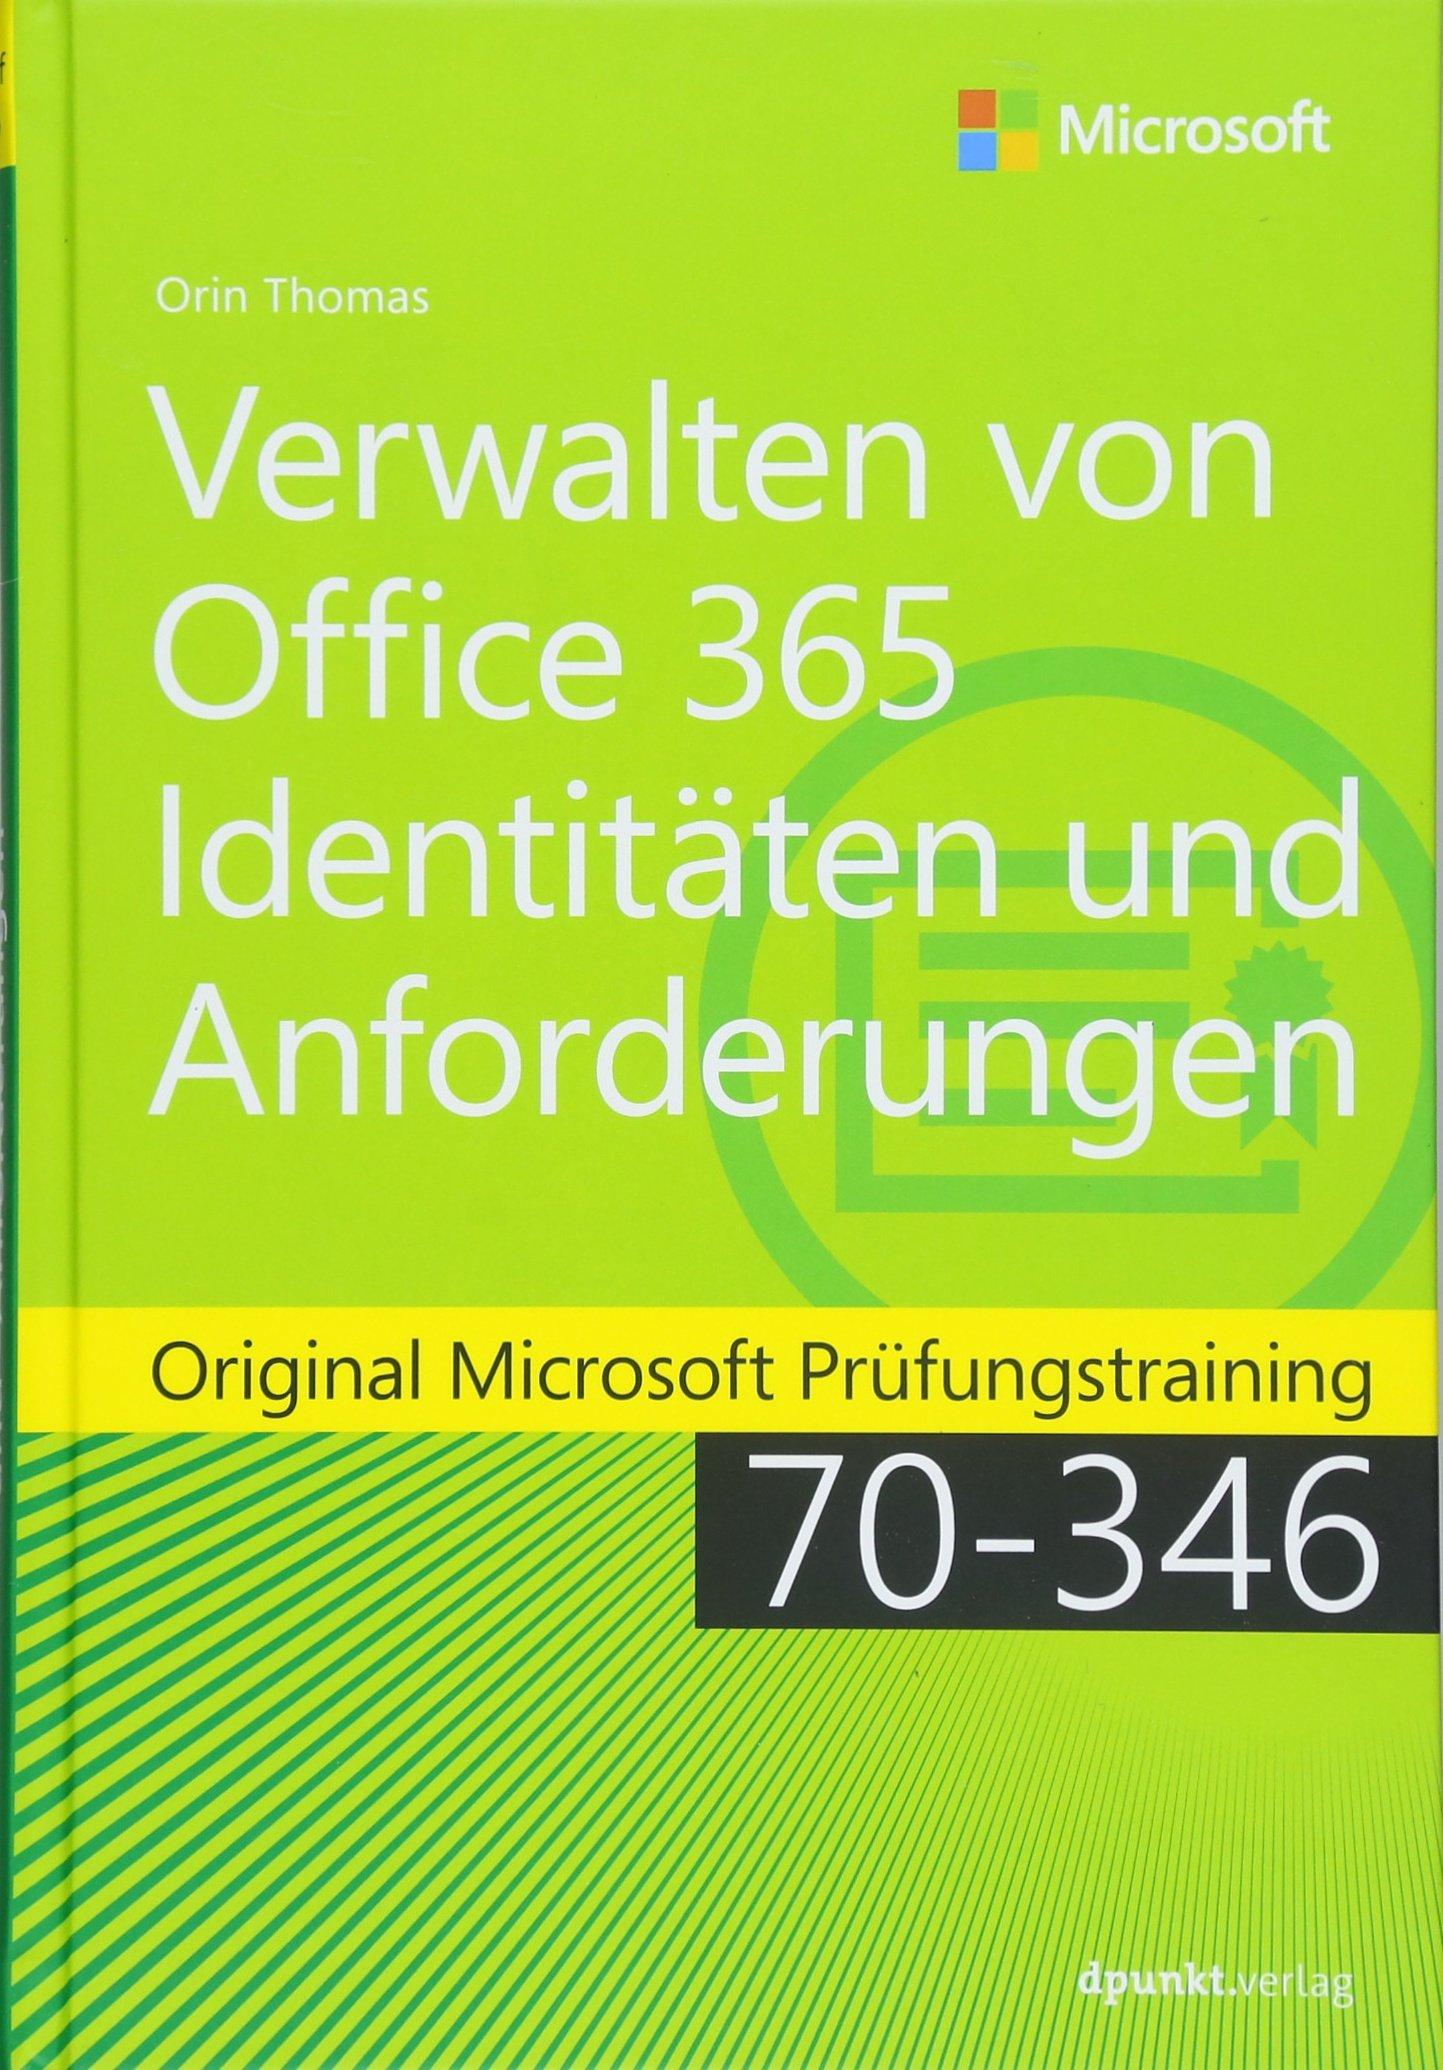 Verwalten von Office 365-Identitäten und -Anforderungen: Original Microsoft Prüfungstraining 70-346 (Microsoft Press) Gebundenes Buch – 18. Juni 2018 Orin Thomas Rainer G. Haselier dpunkt.verlag GmbH 3864905869